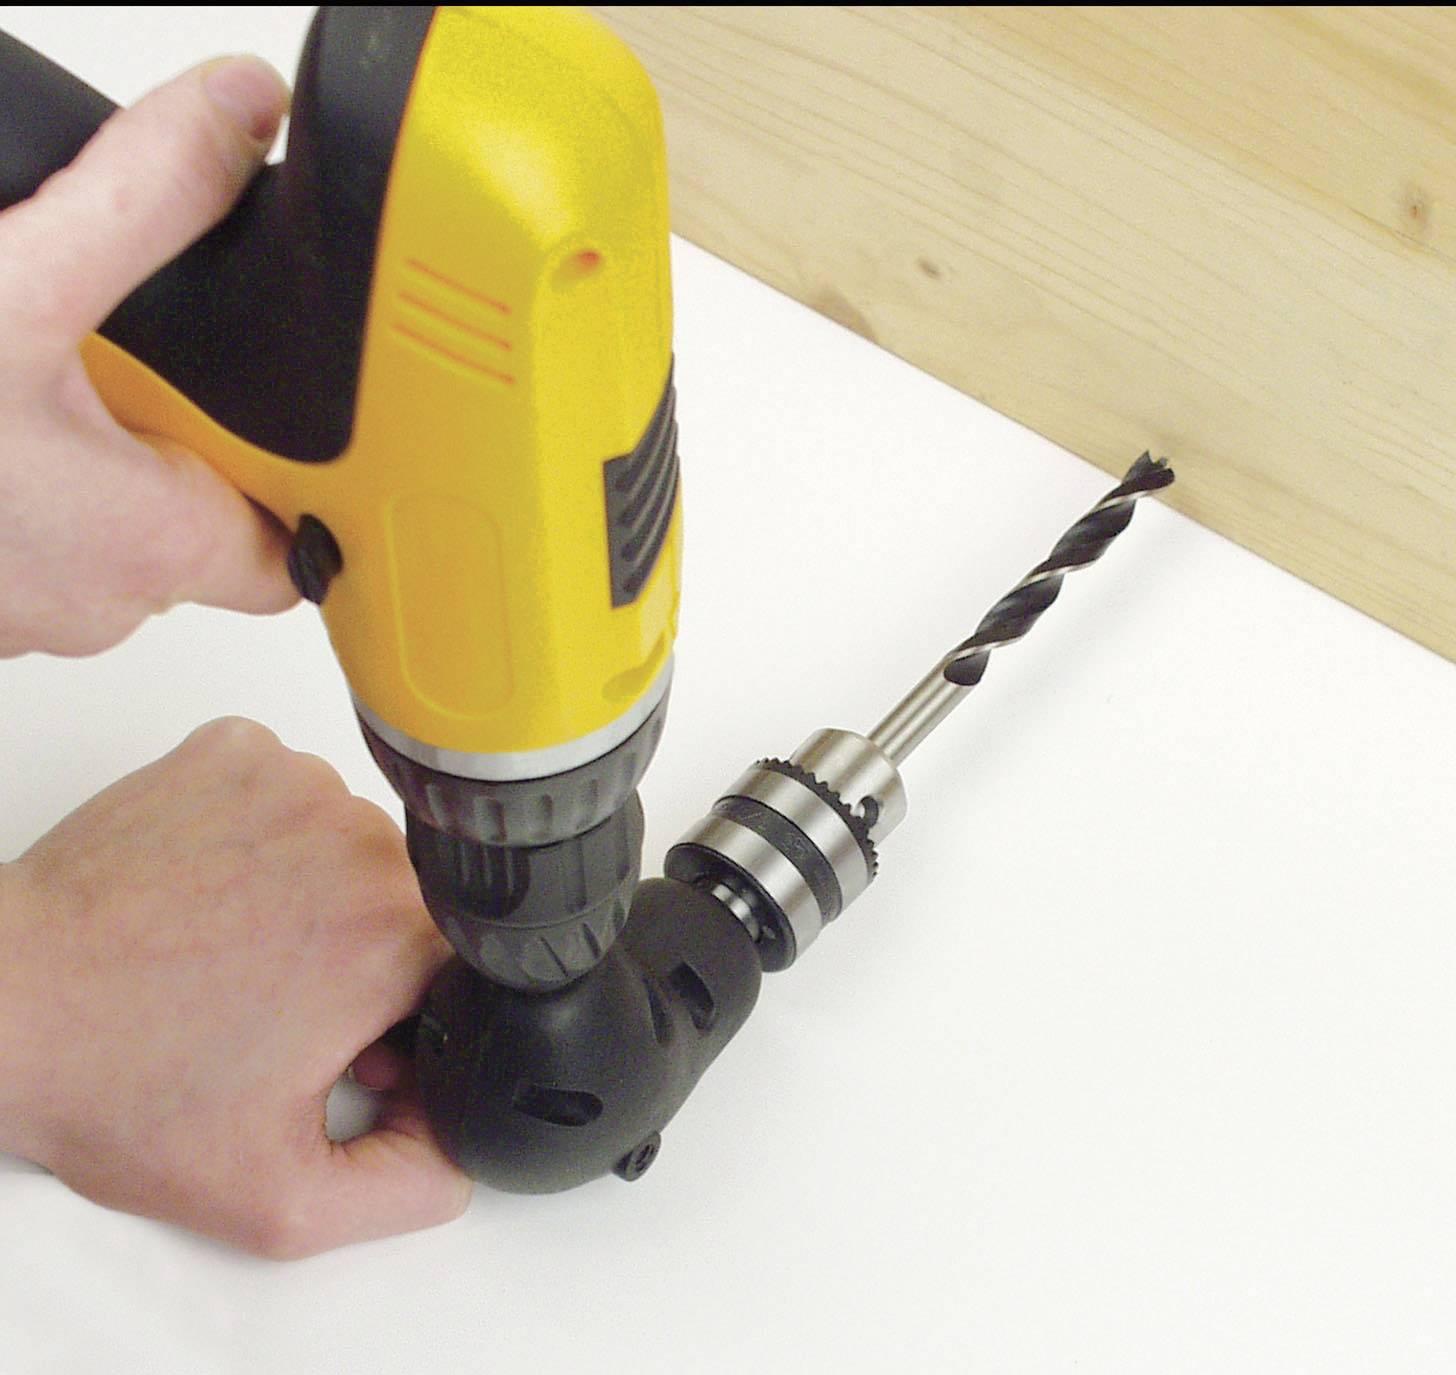 Attacco adattatore per trapano ad angolo retto Brynnl mandrino di prolunga per foratura professionale da 90 gradi 0,8-10 mm adatto per utensile di prolunga per trapano elettrico con albero da 8 mm